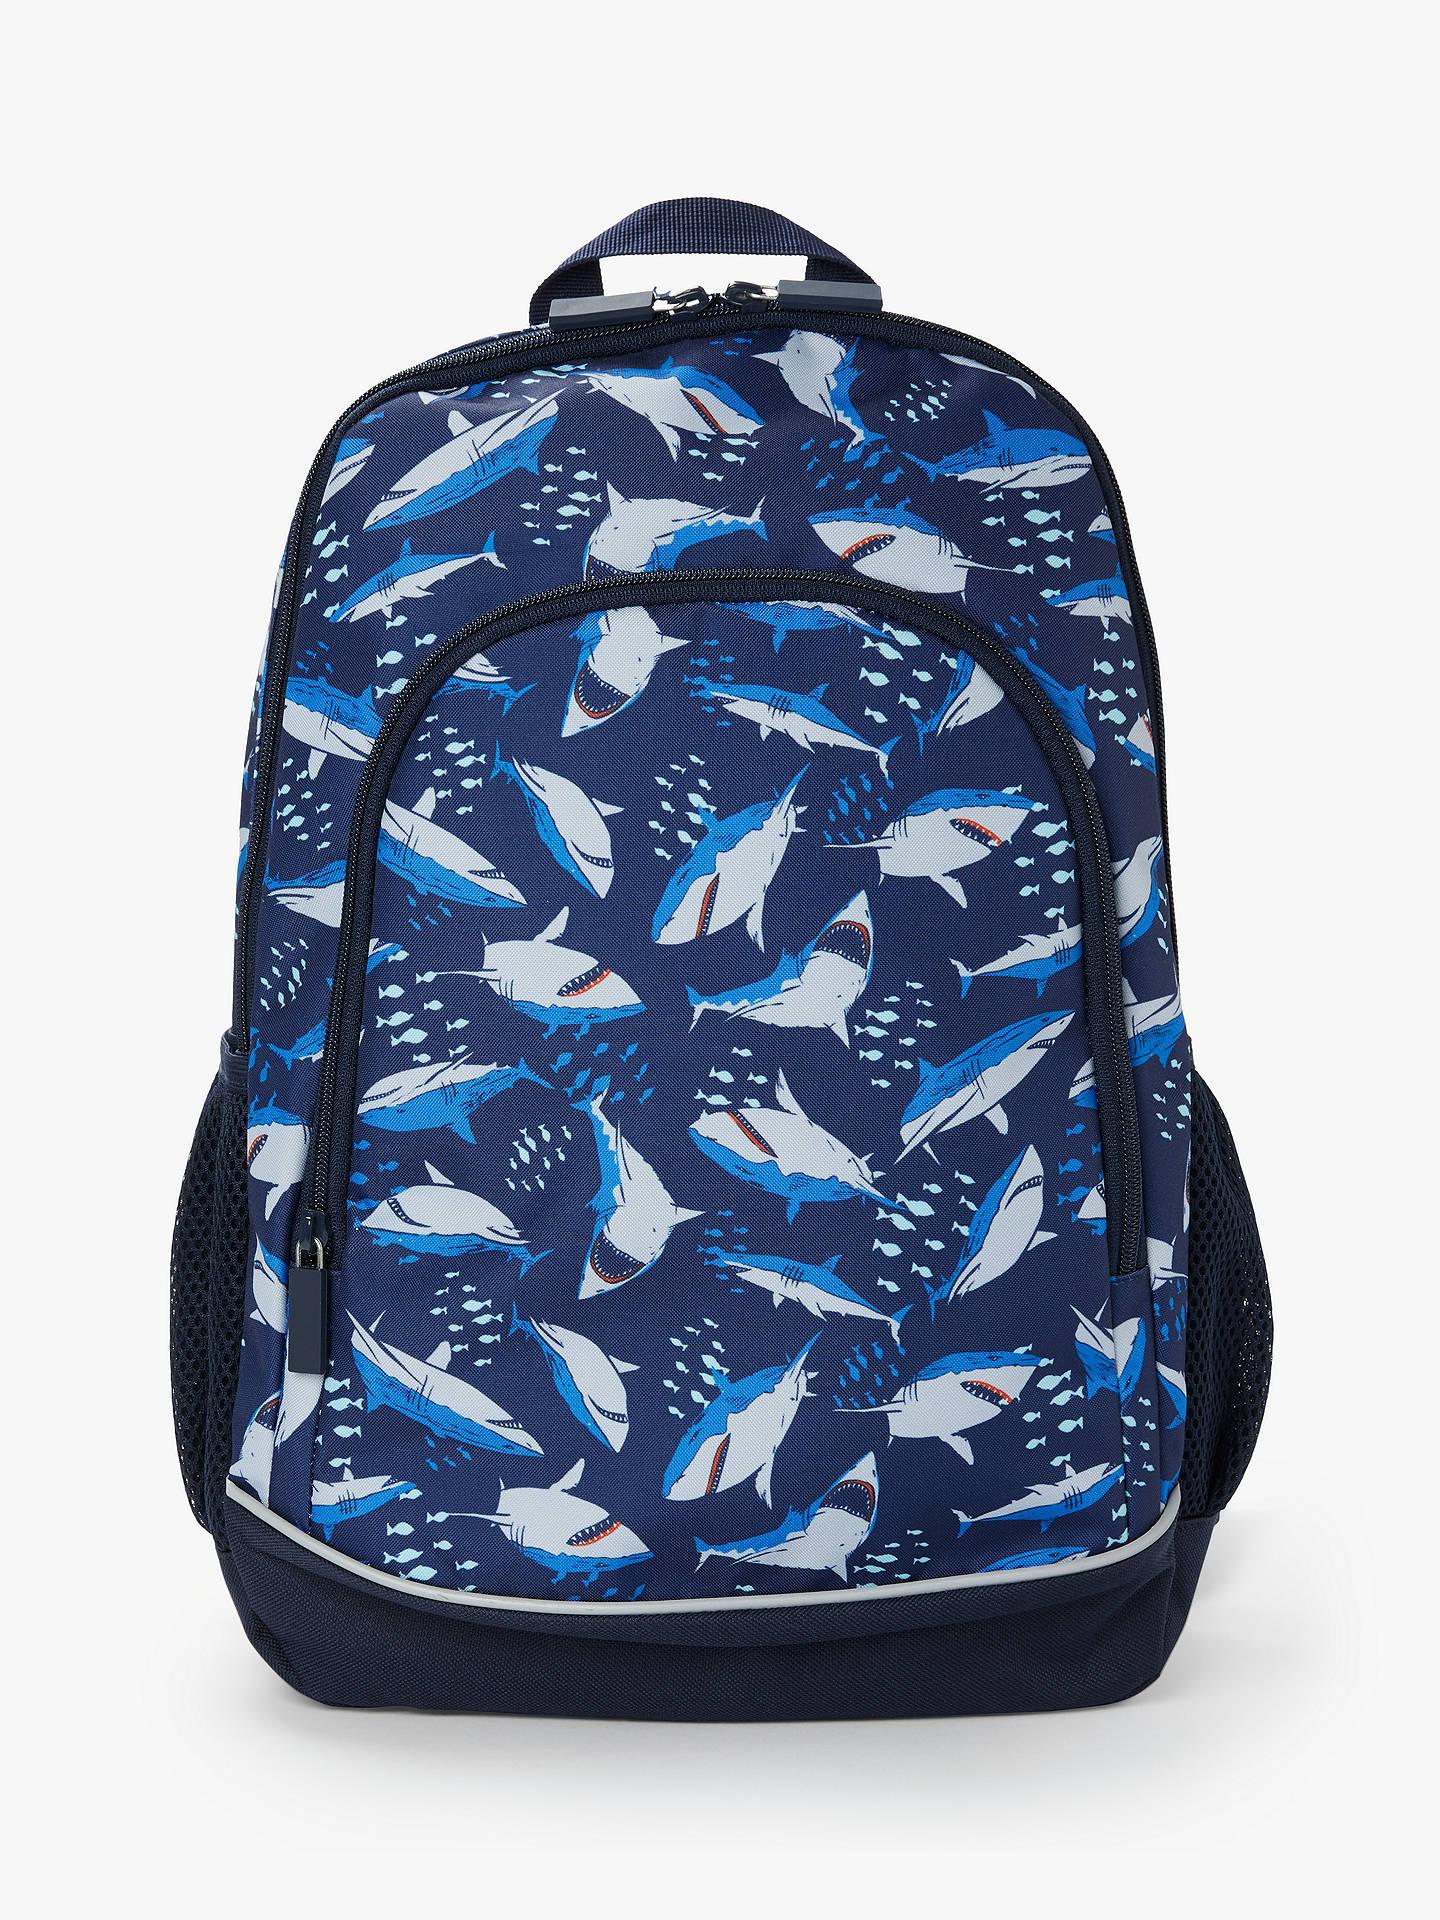 John Lewis & Partners Shark Children's Backpack